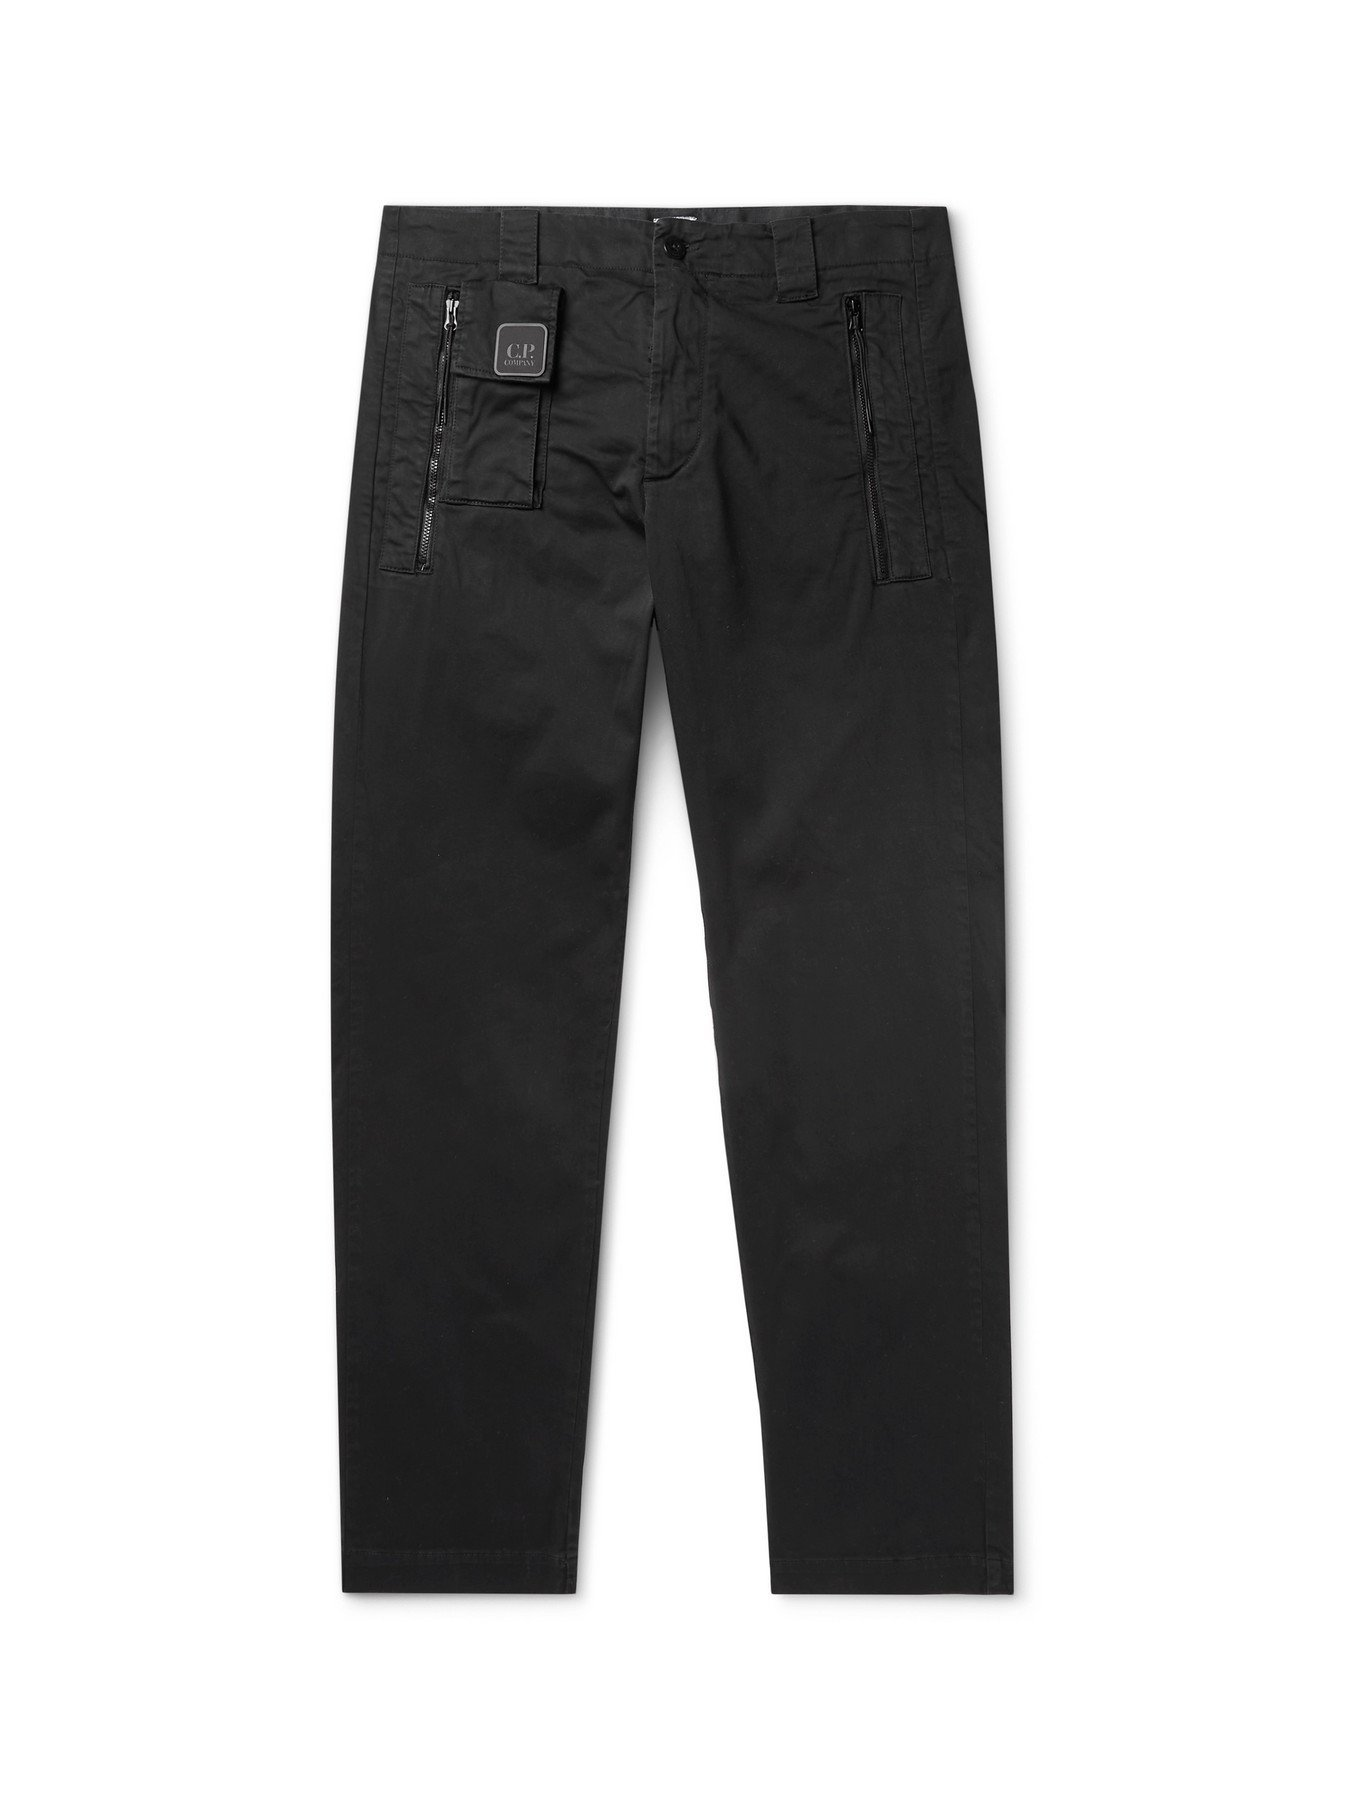 Photo: C.P. COMPANY - Logo-Appliquéd Garment-Dyed Cotton-Blend Trousers - Black - IT 48